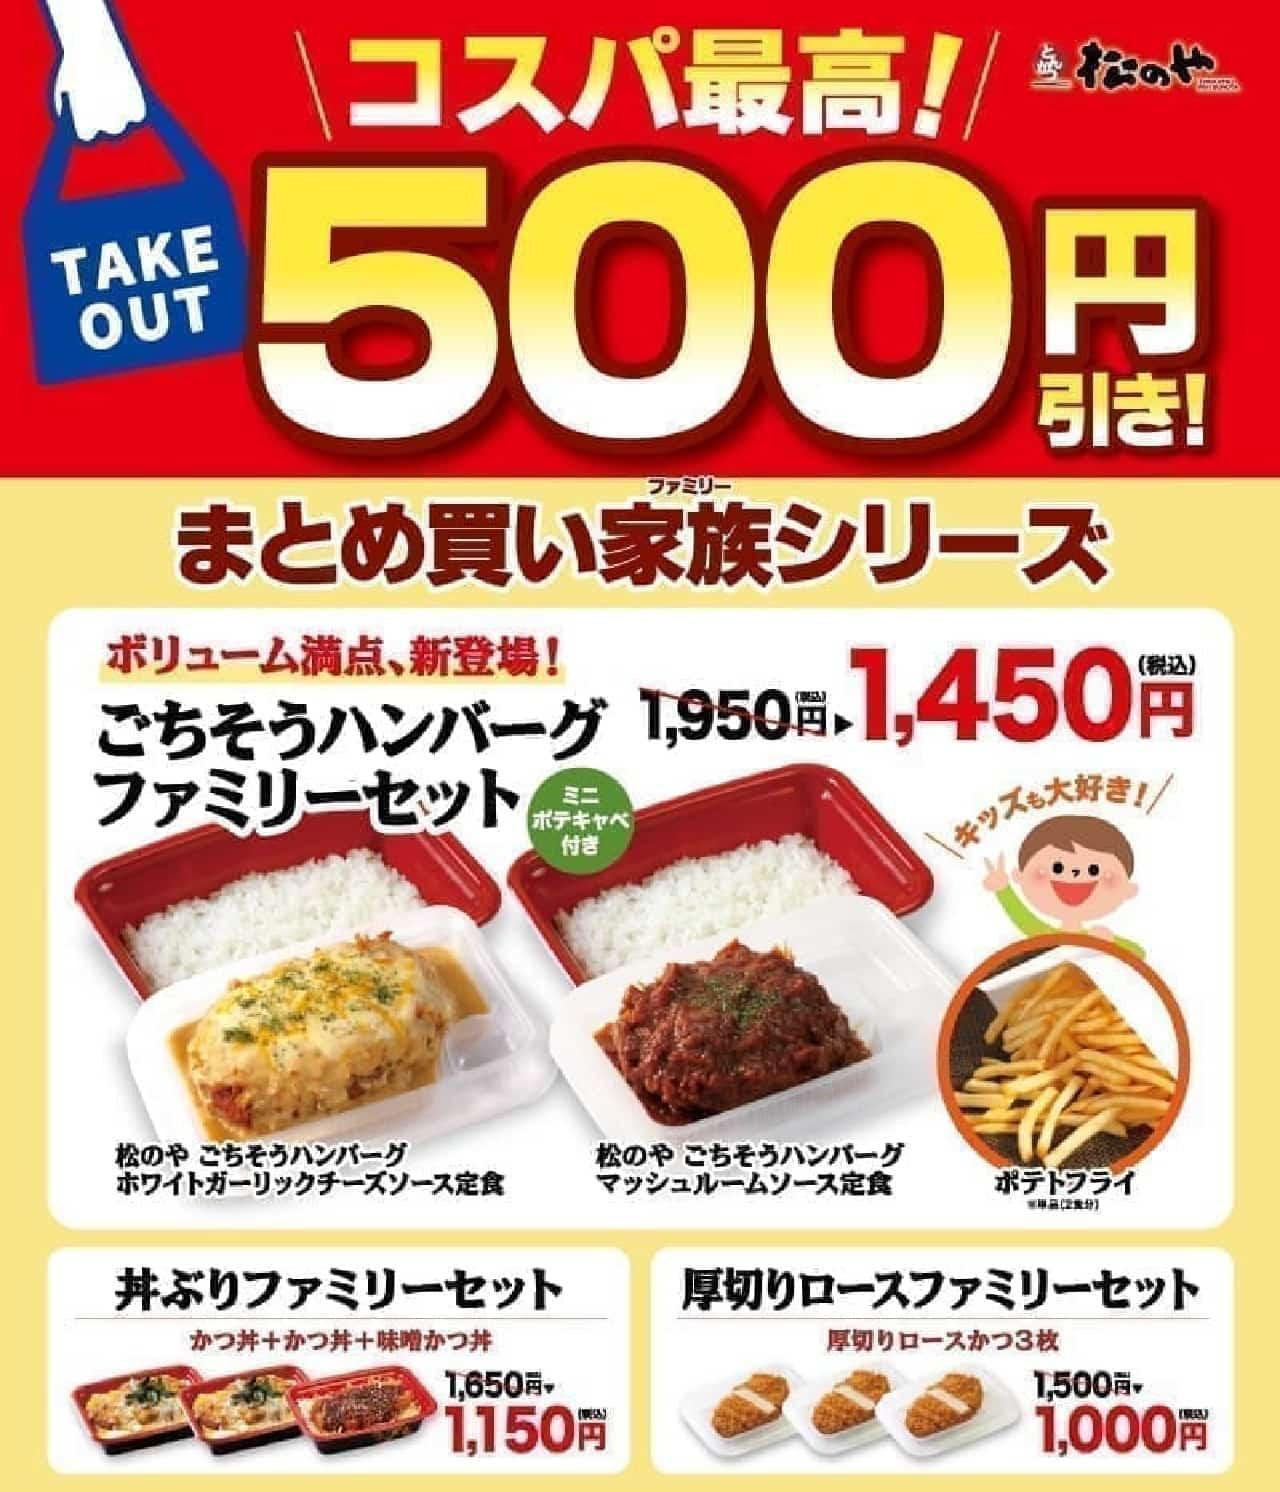 松のや「ごちそうハンバーグファミリーセット」500円引き